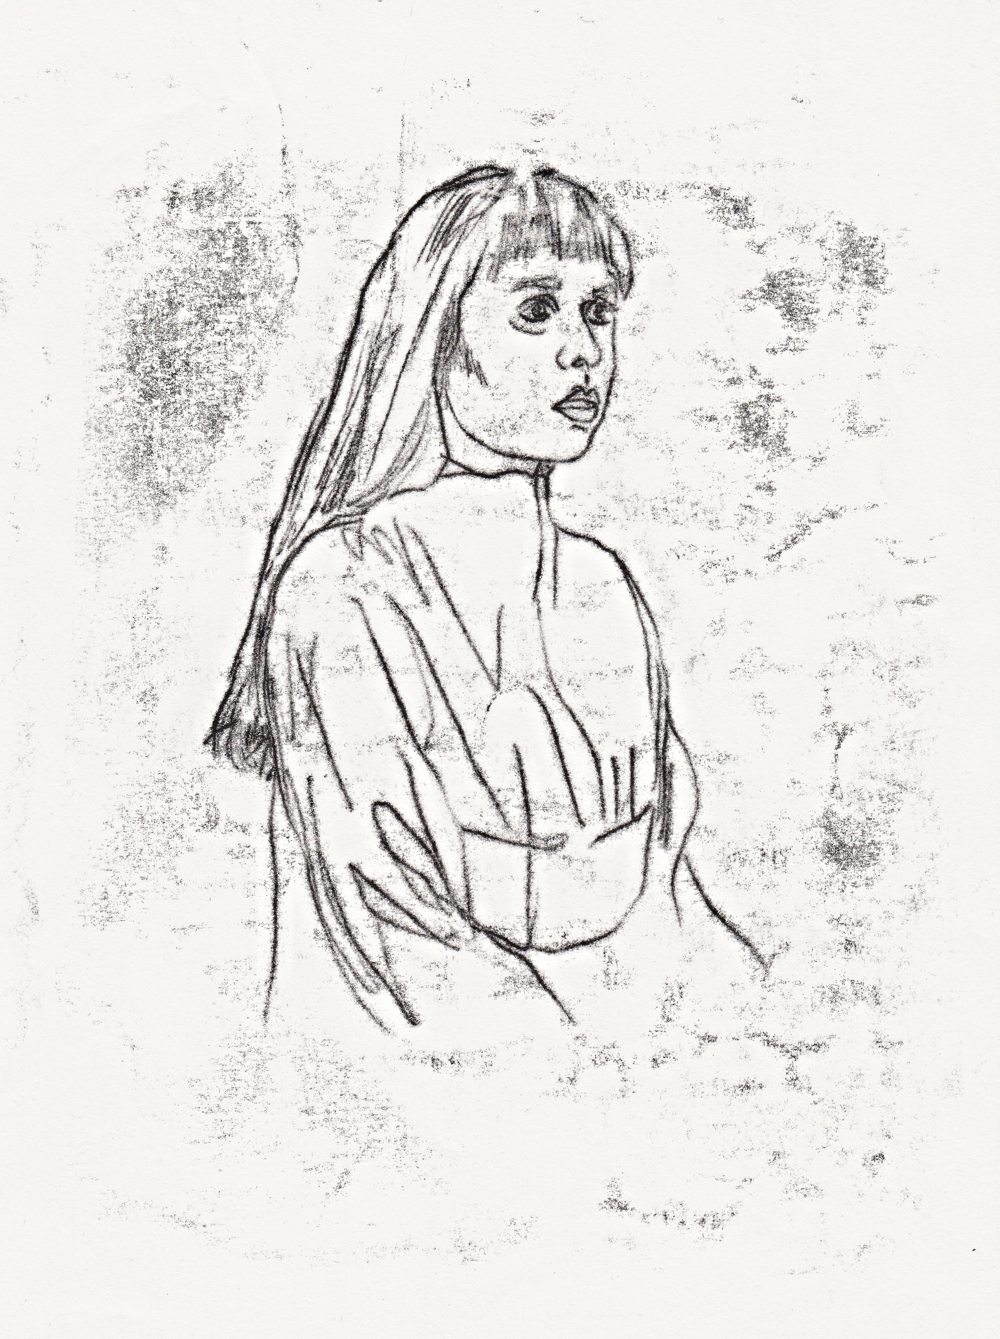 illustration by Elly Dallas